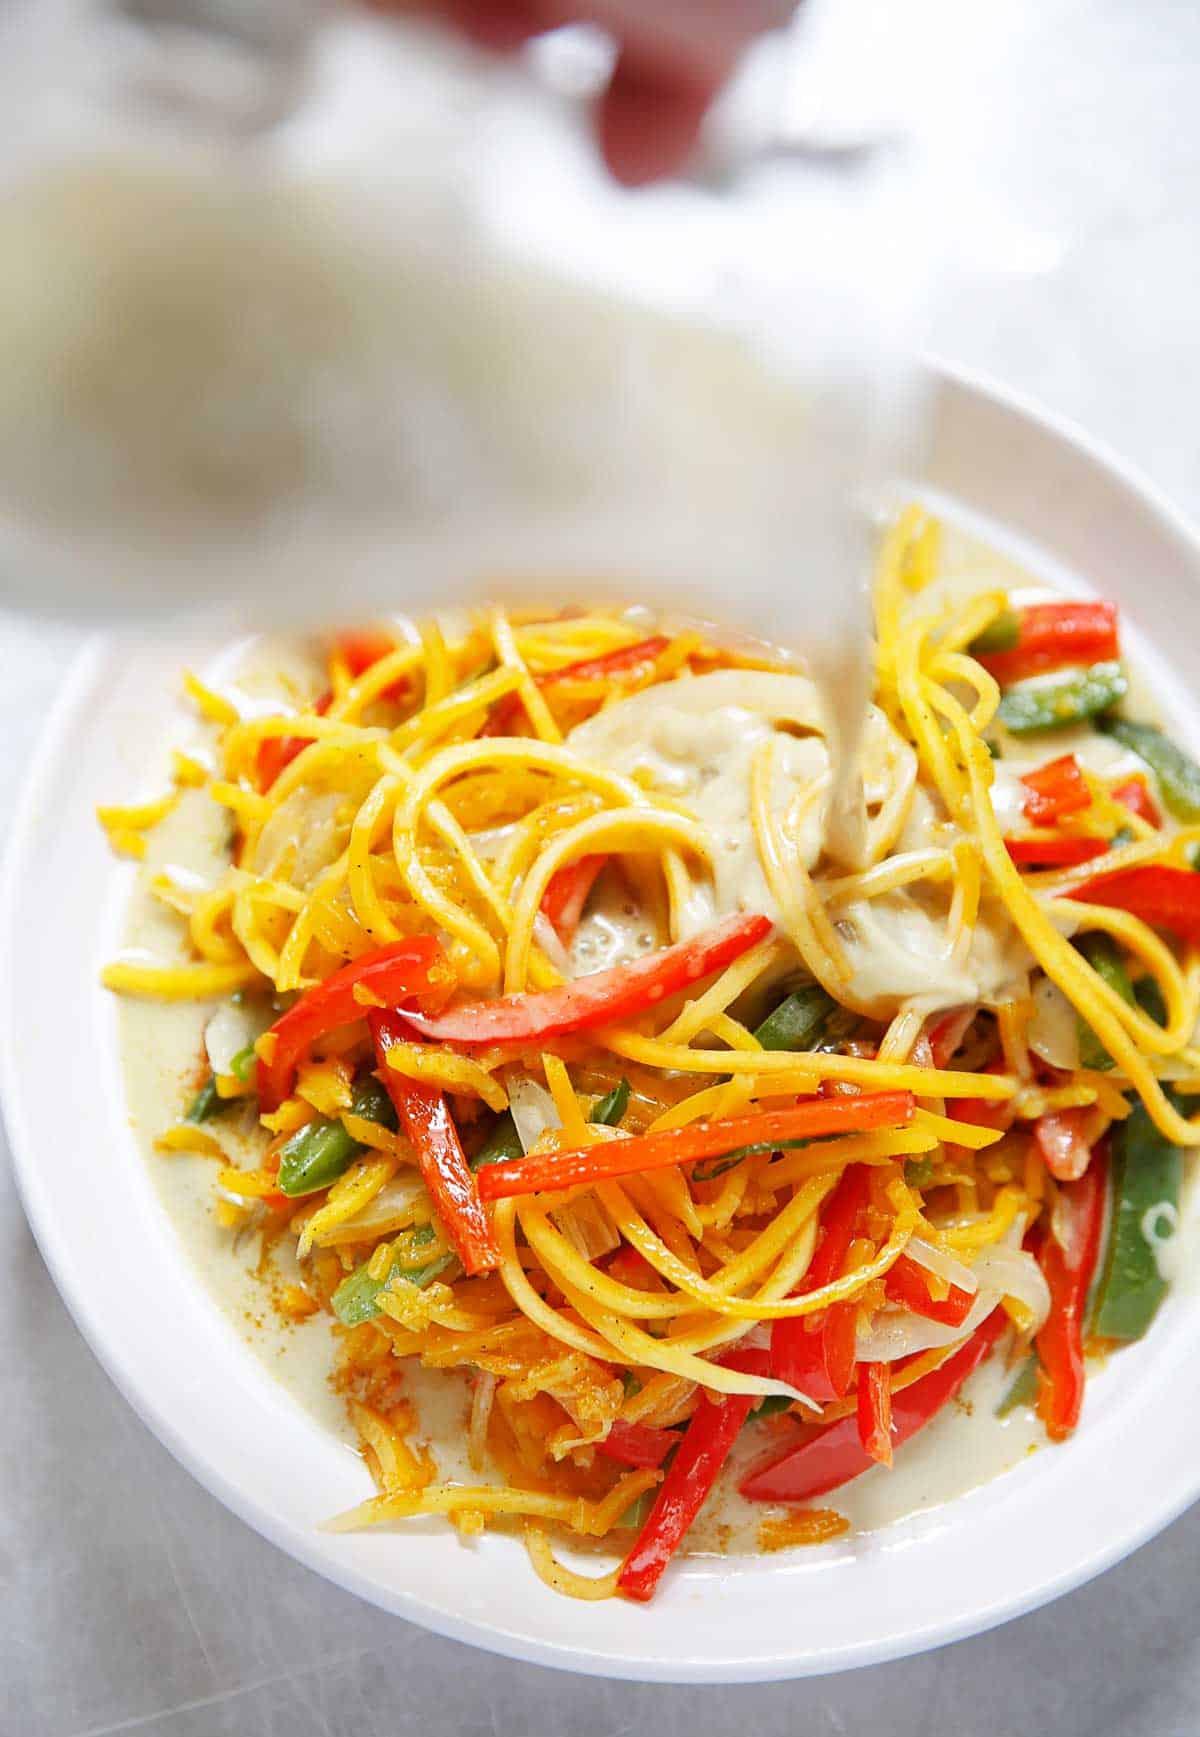 Butternut squash noodle recipe vegetarian